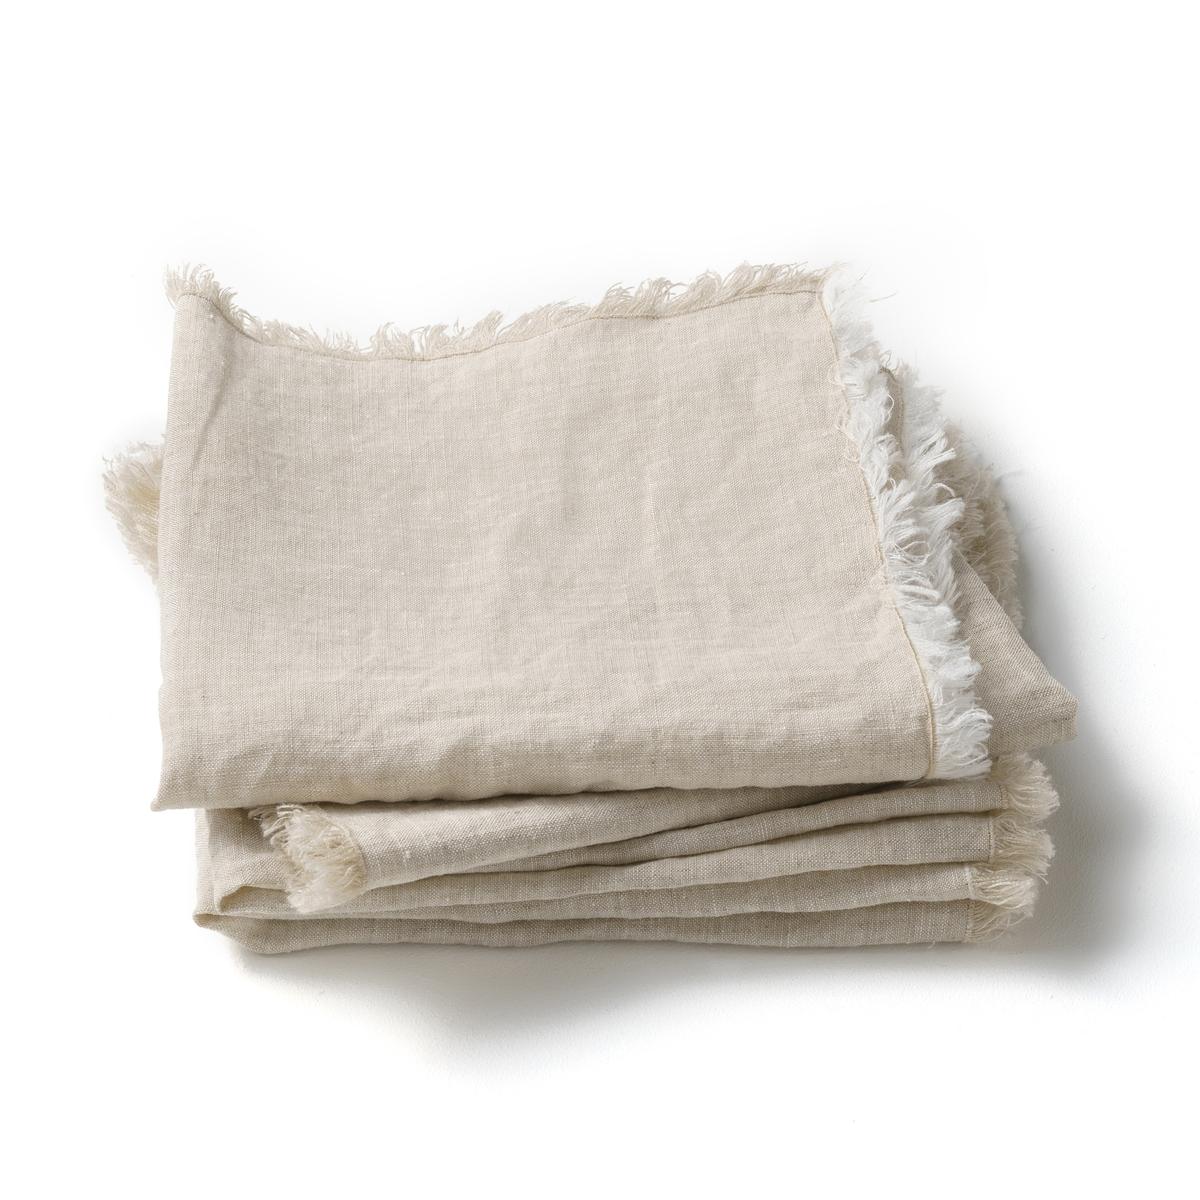 4 столовых салфетки из стиранного льна, Yastigi4 столовых салфетки Yastigi . Они сочетают натуральную мягкость стиранного льна и изысканность отделки бахромой .Материал :- 100% стираный лен Отделка :- Бахрома с 4 сторон .Размеры :- 40 x 40 см<br><br>Цвет: серый<br>Размер: комплект из 4